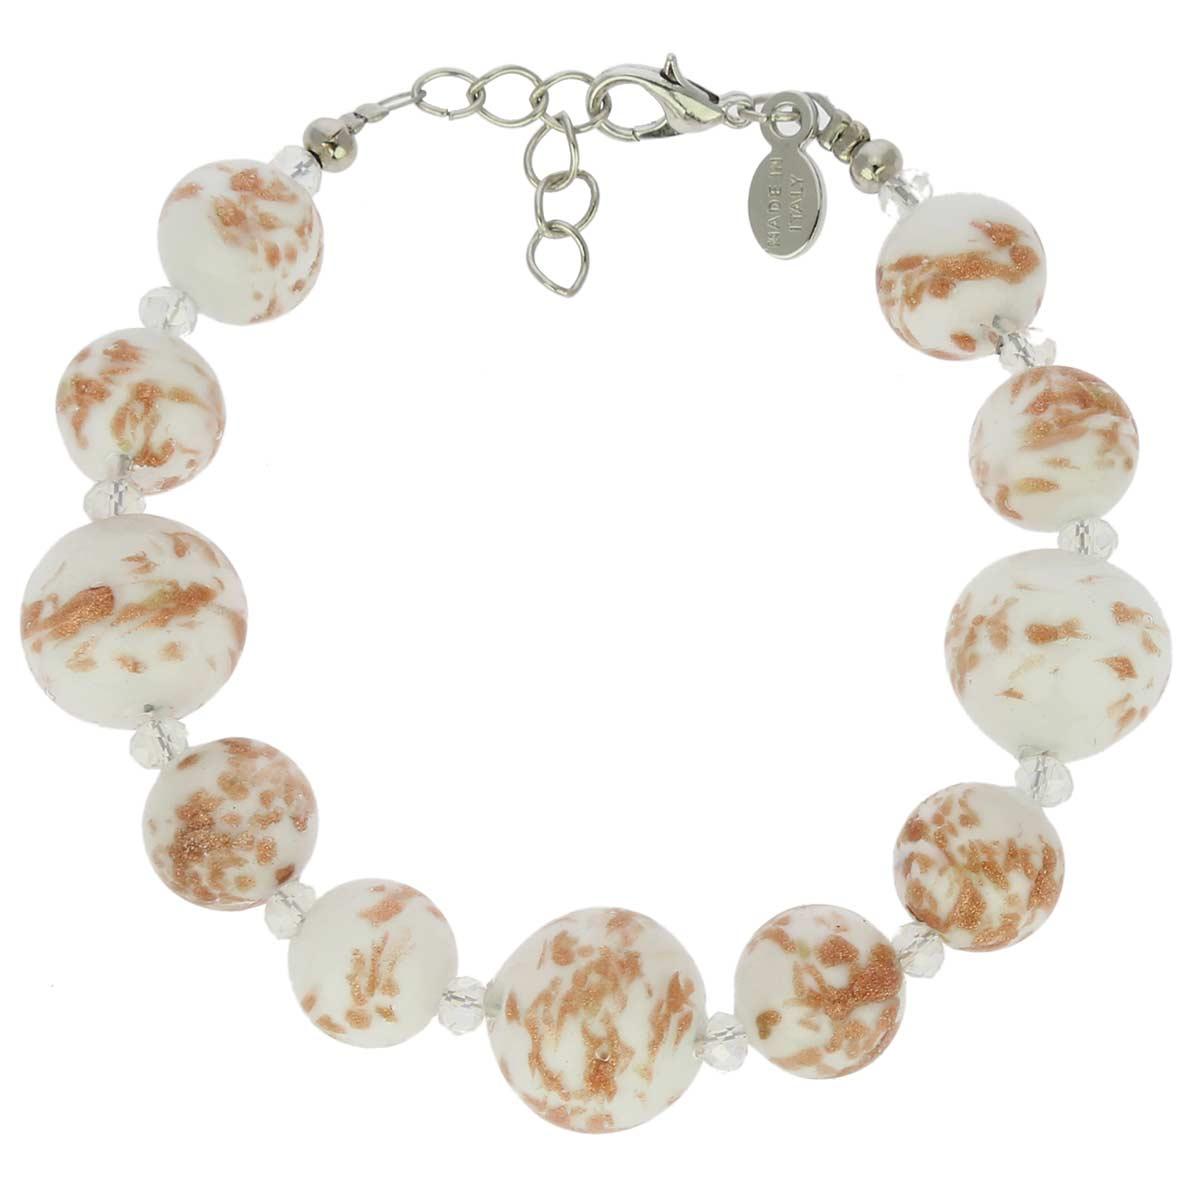 Starlight Balls Murano Bracelet - White